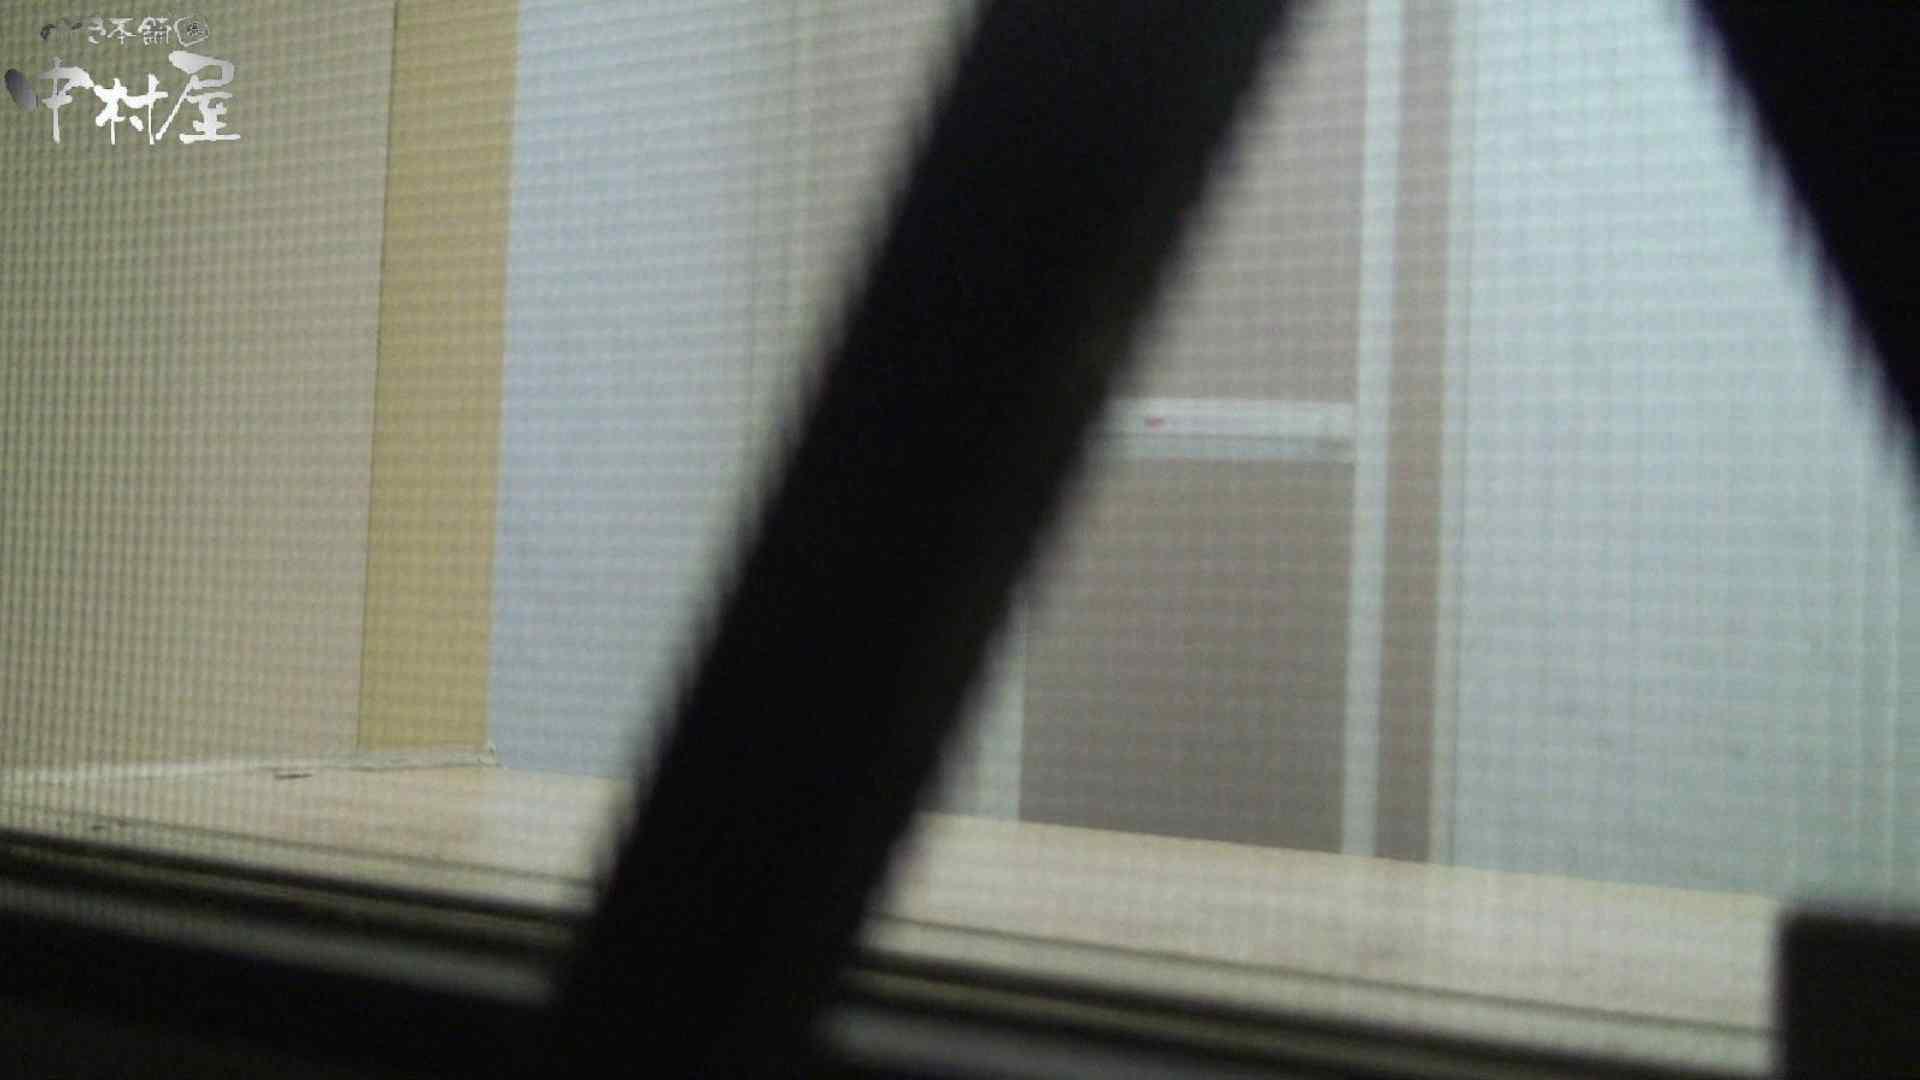 民家風呂専門盗撮師の超危険映像 vol.027 民家 | 美少女ヌード  49pic 5